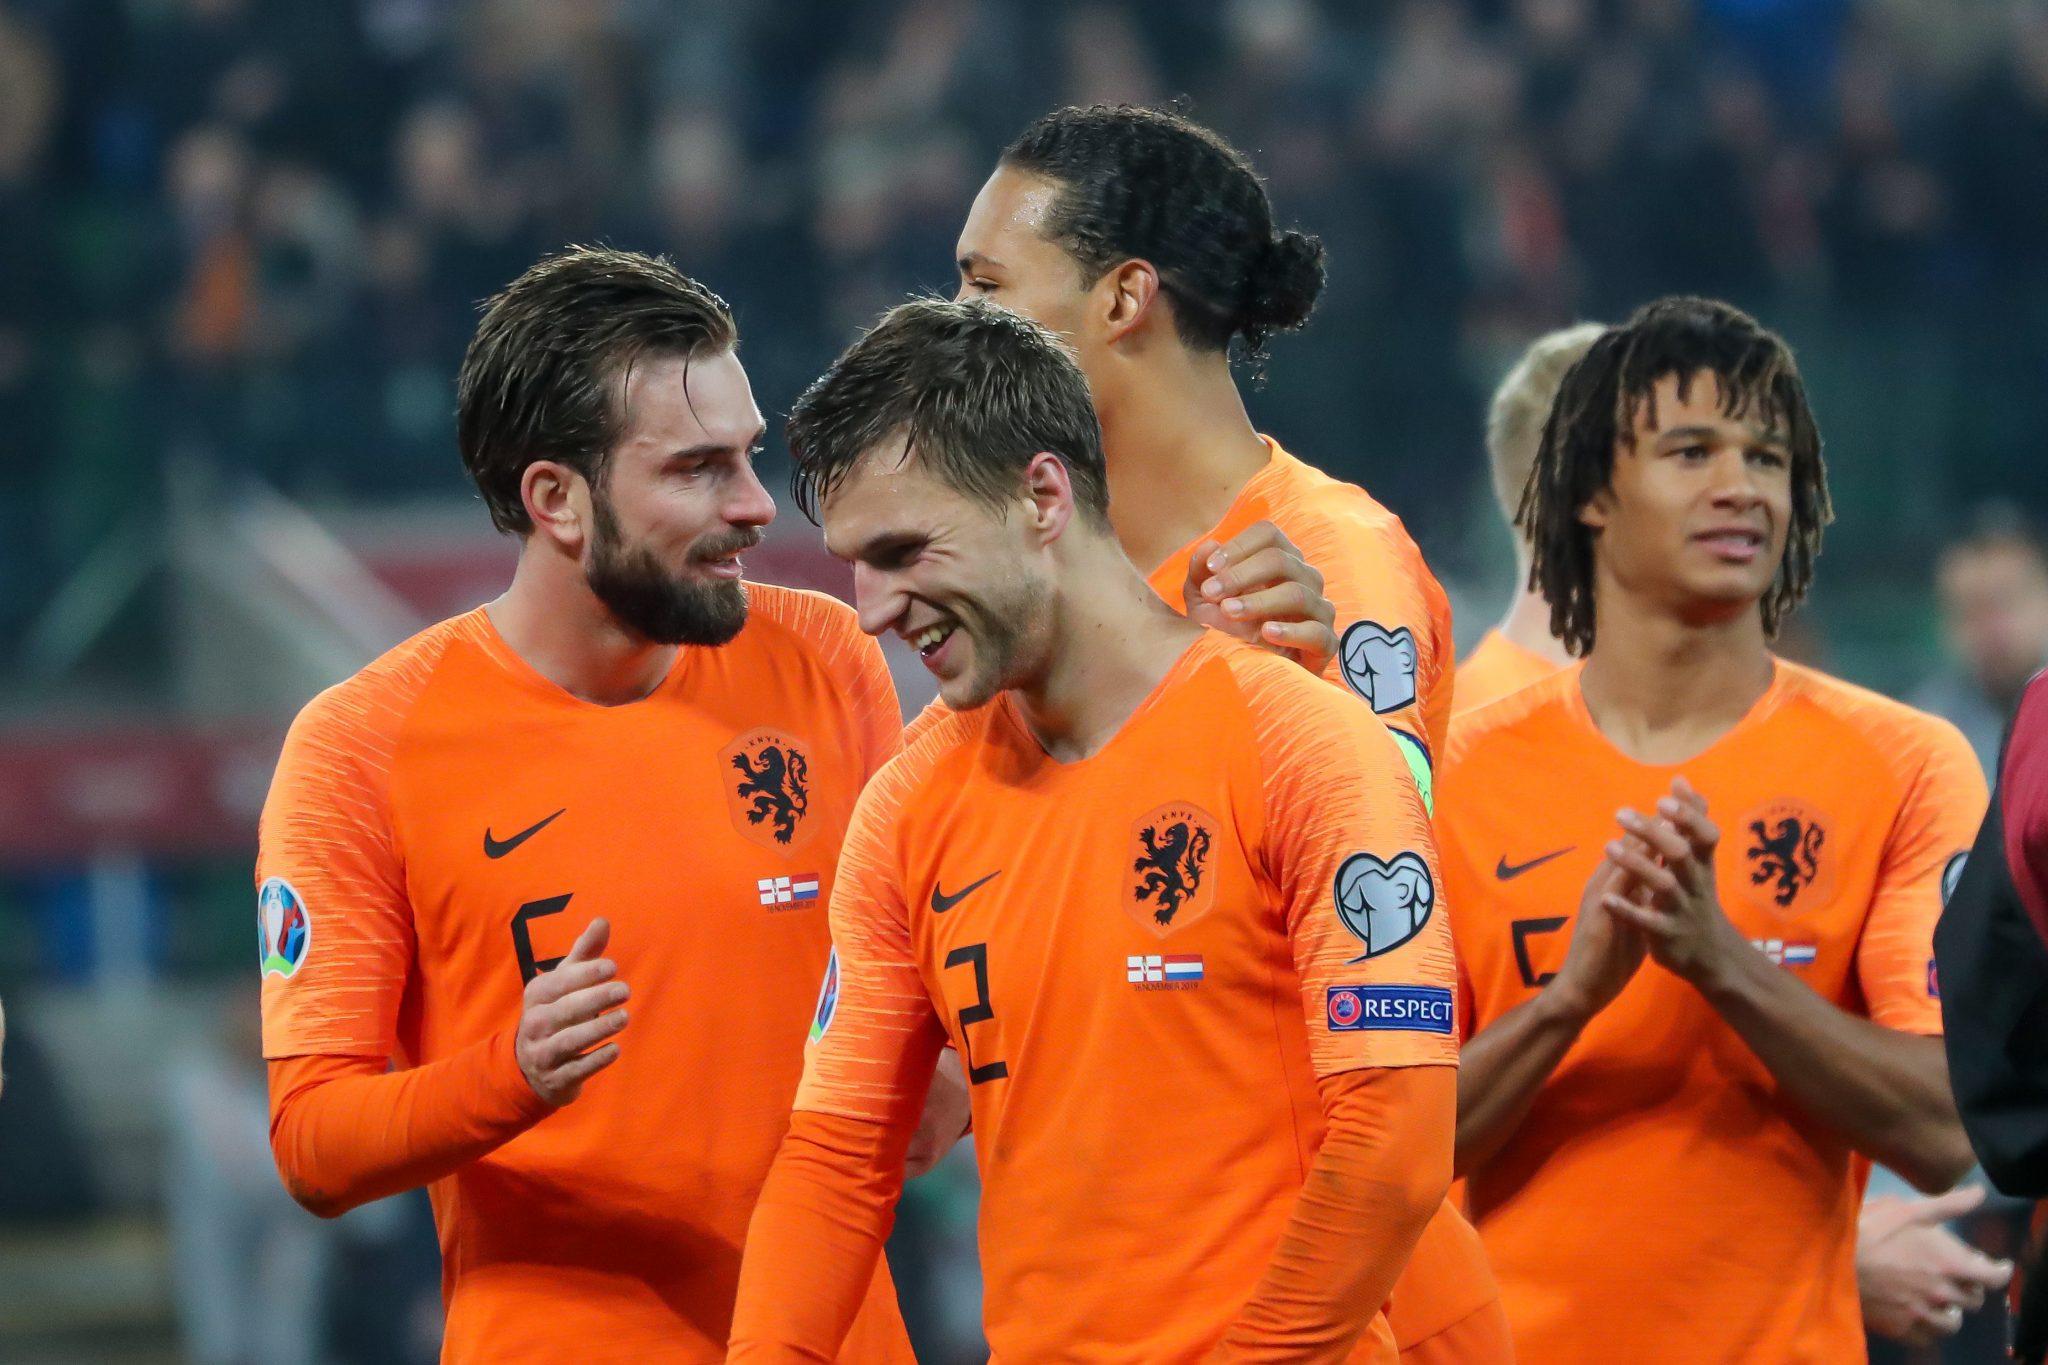 Dit kan Oranje aan prijzengeld winnen op het EK 2020 - Sportnieuws.nl